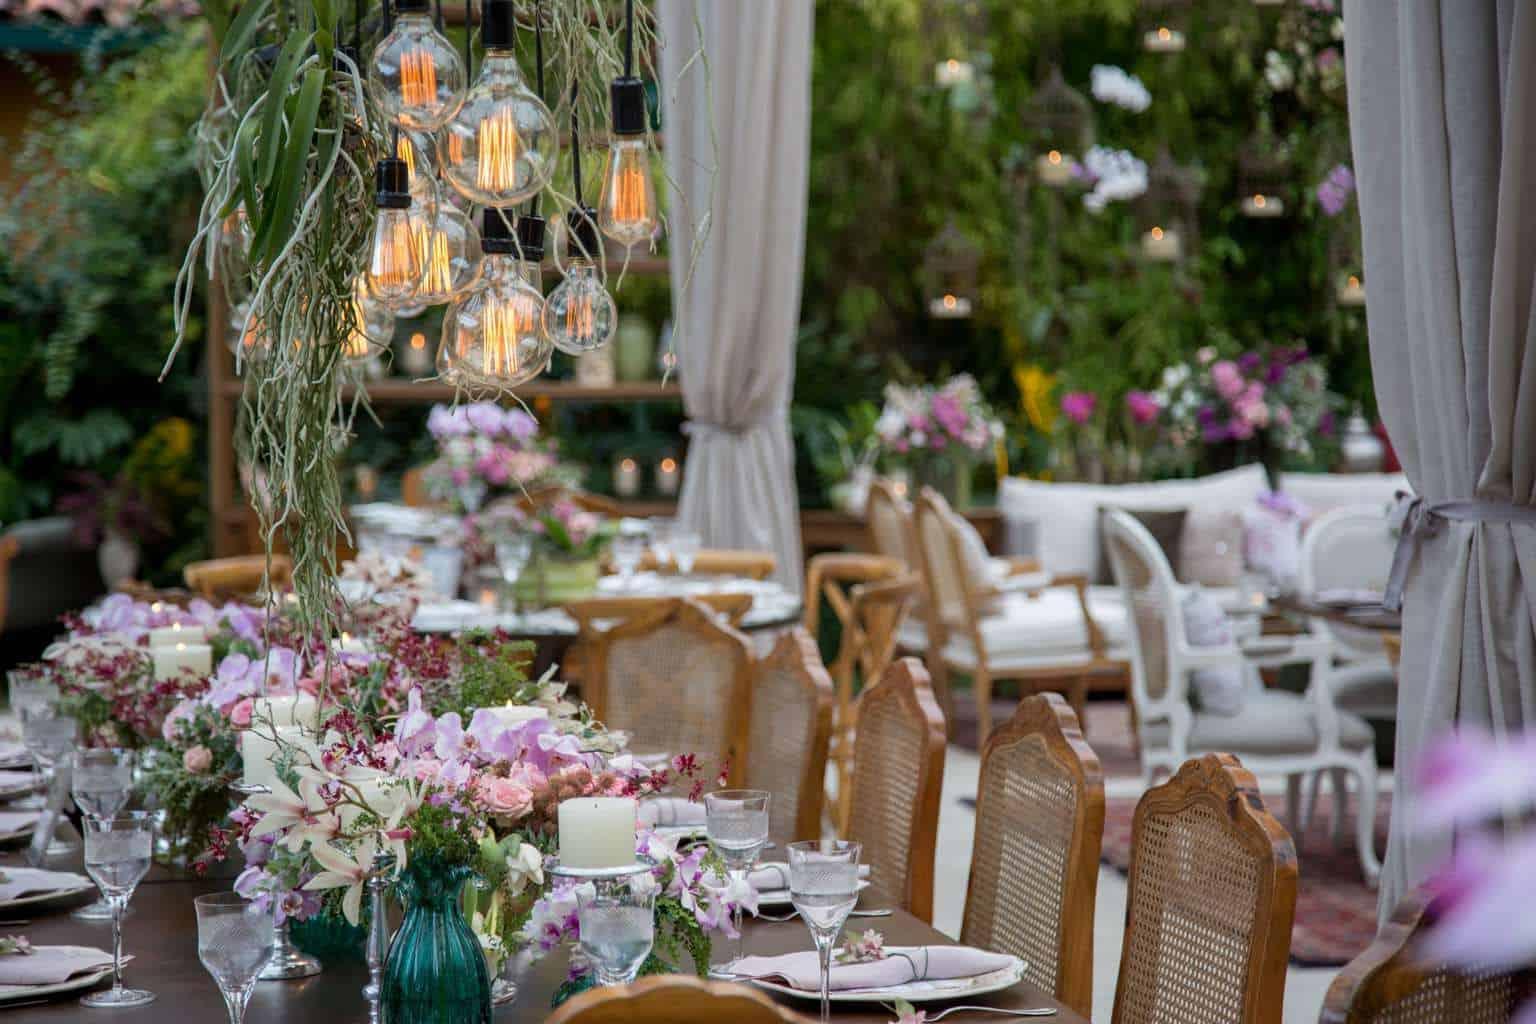 Andrea-Kapps-casamento-de-dia-casamento-na-serra-casamento-romântico-casamento-tradicional-decor-festa-decoração-Locanda-de-La-Mimosa-rosa-e-lilás-casamento-26